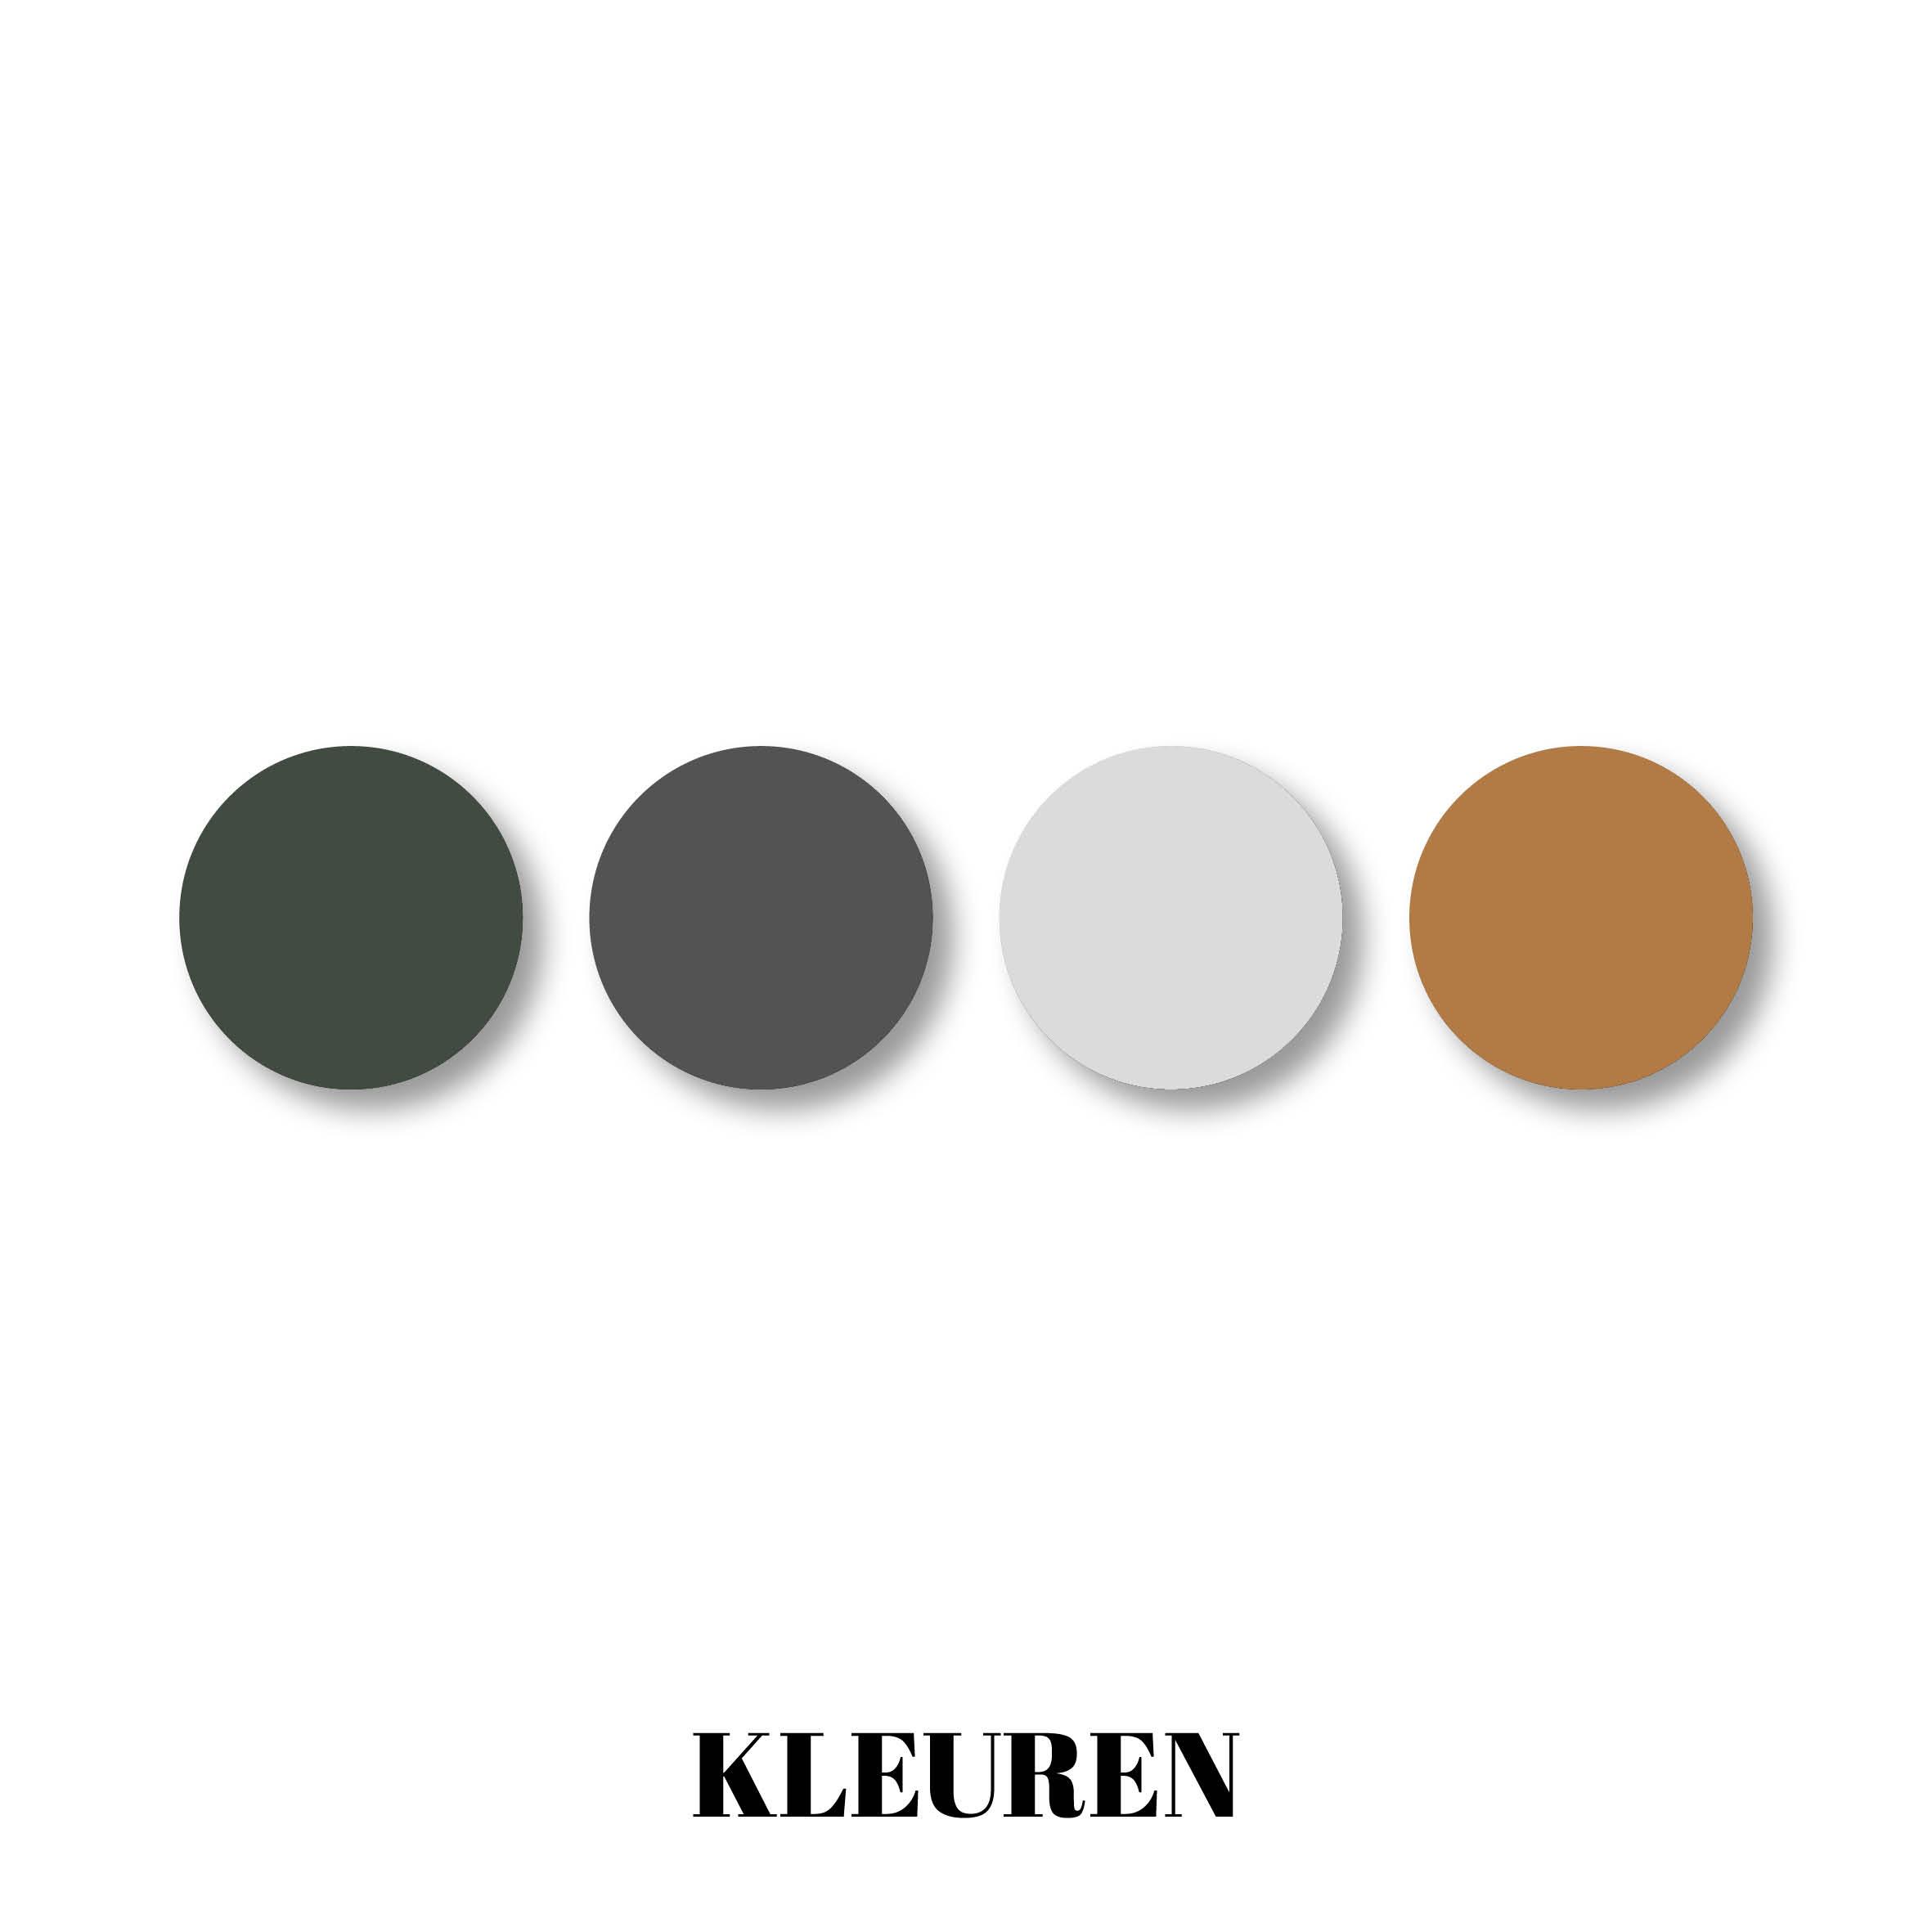 Kleurenanalyse, kleurvoorstel